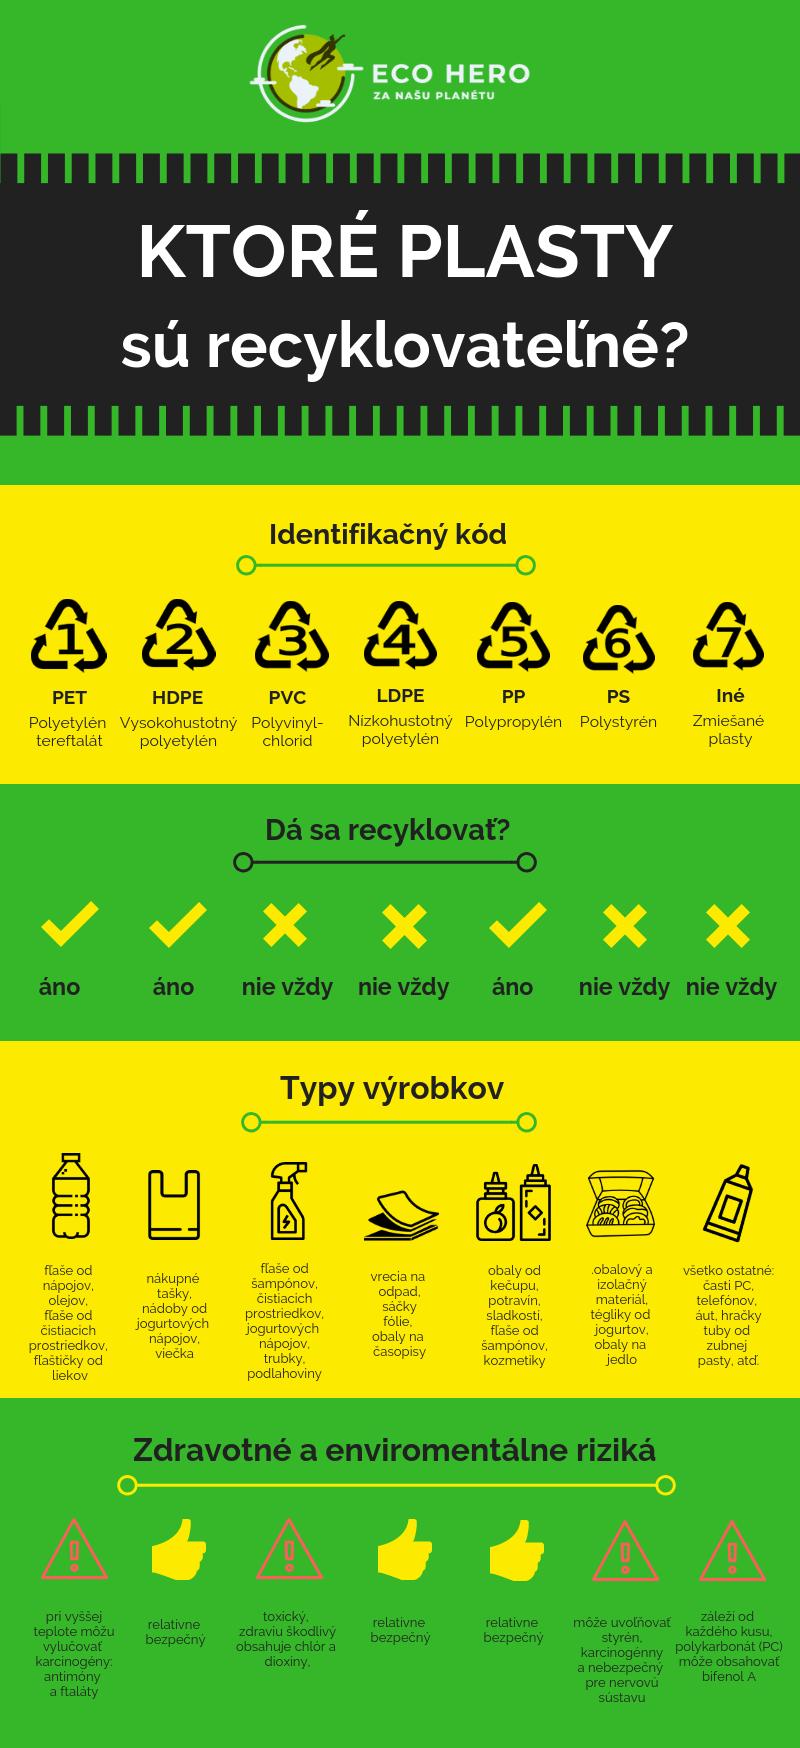 Ako separovať/triediť plasty, druhy a recyklácia plastov